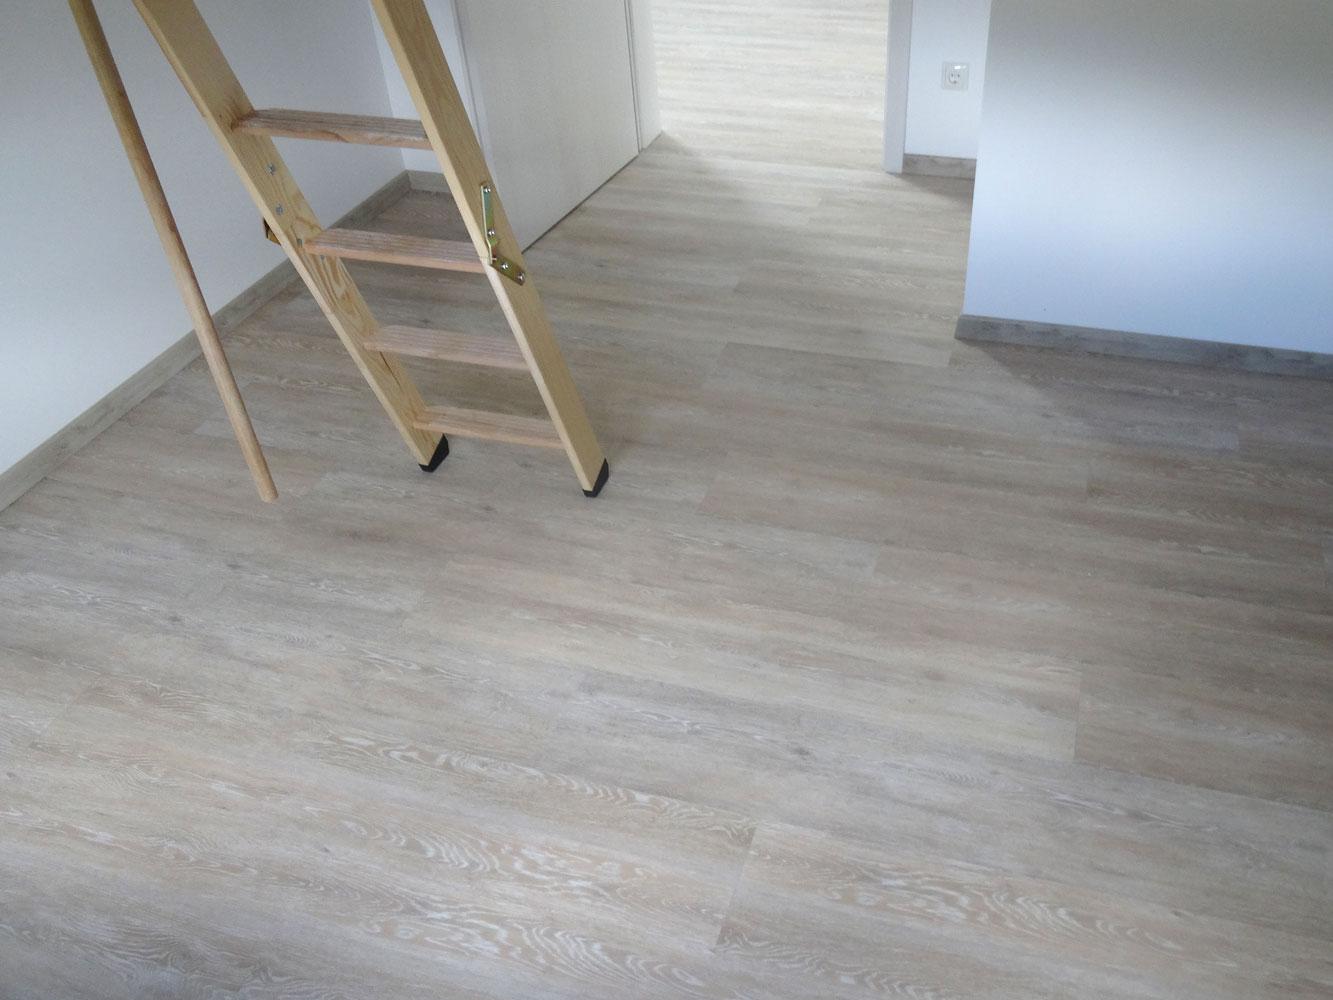 Fußboden Aus Linoleum ~ Pvc und linoleum » projekte » berzl fussboden zentrum ihr parkett